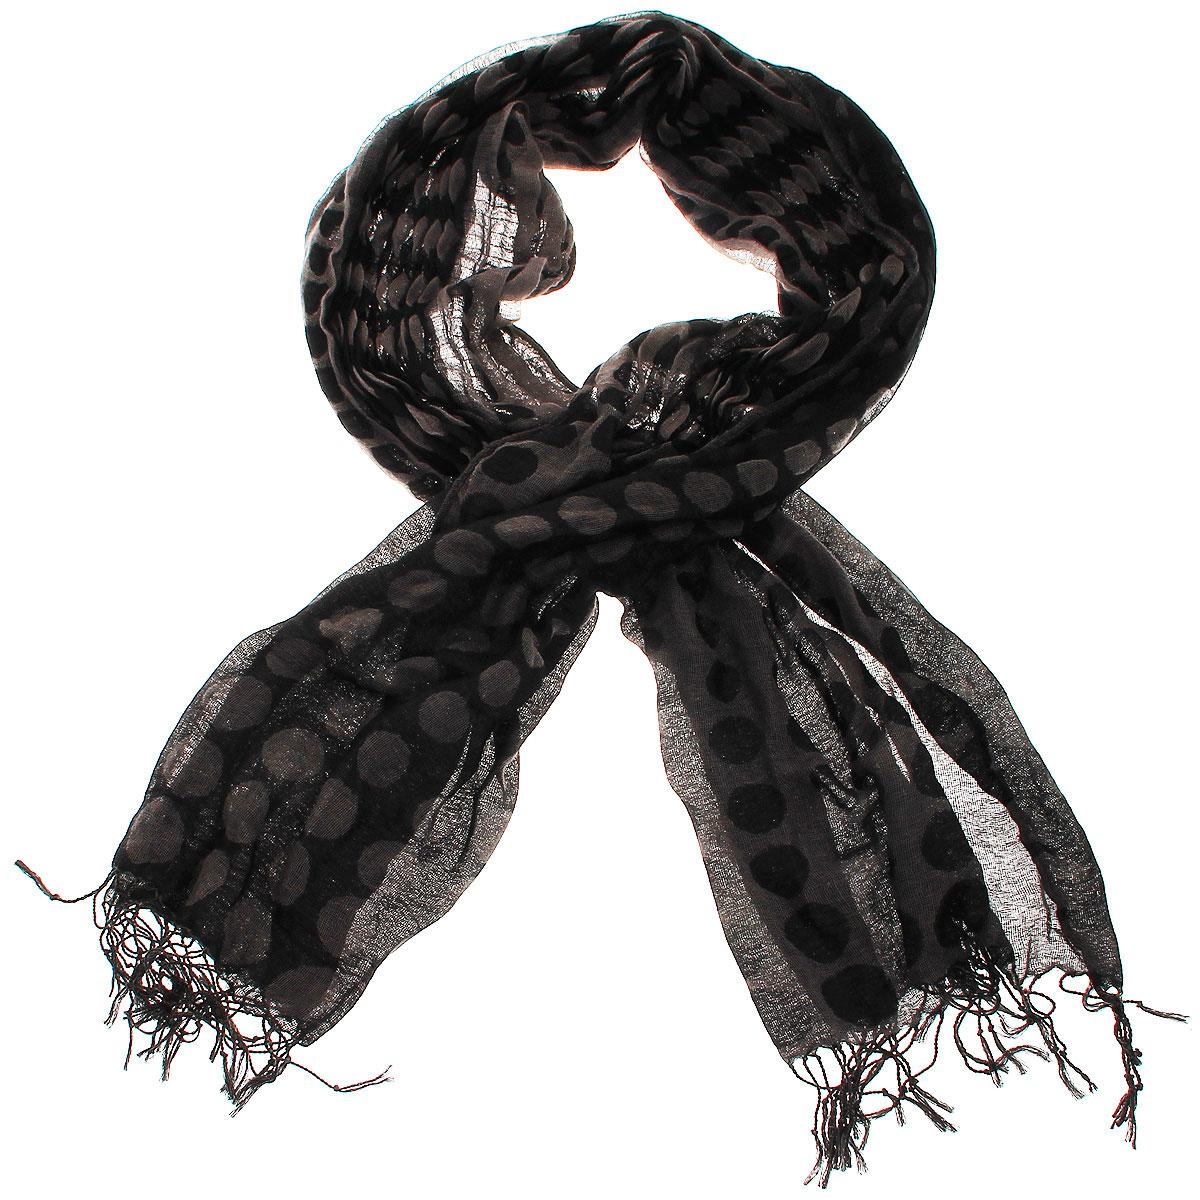 ШарфFH26166Элегантный шарф с орнаментом в крупный горох, станет изысканным, нарядным аксессуаром, который призван подчеркнуть индивидуальность и очарование женщины. Шарф по краям декорирован кистями. Этот модный аксессуар женского гардероба гармонично дополнит образ современной женщины, следящей за своим имиджем и стремящейся всегда оставаться стильной и элегантной. В этом шарфе вы всегда будете выглядеть женственной и привлекательной.